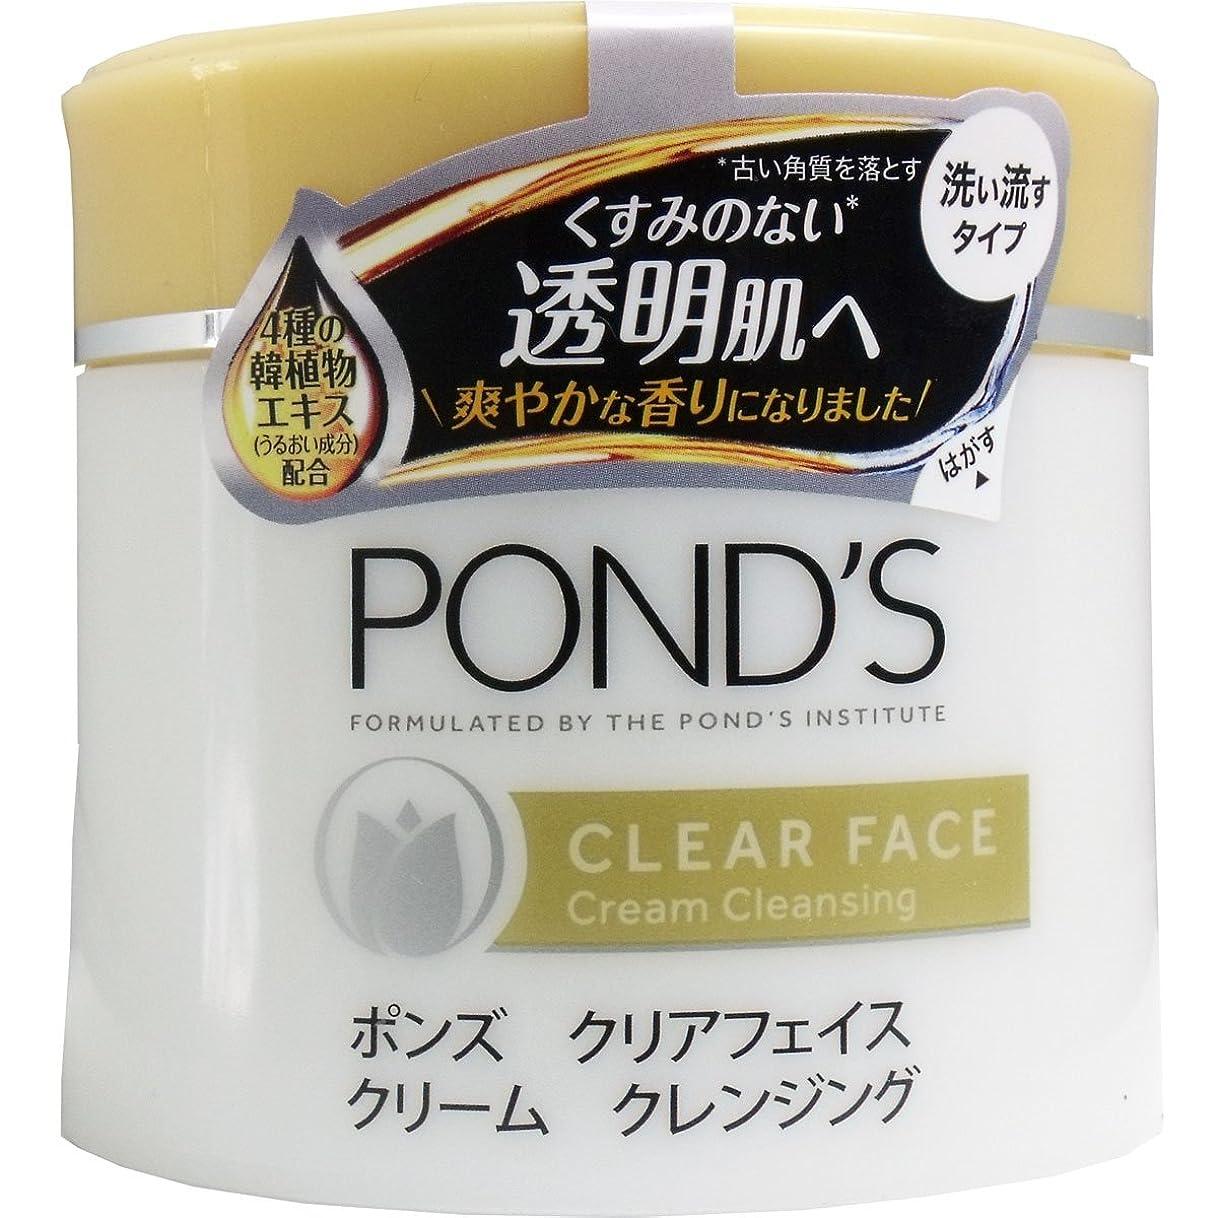 ヒゲクジラパテ統計【まとめ買い】ポンズ クリアフェイス クリームクレンジング 270g ×2セット